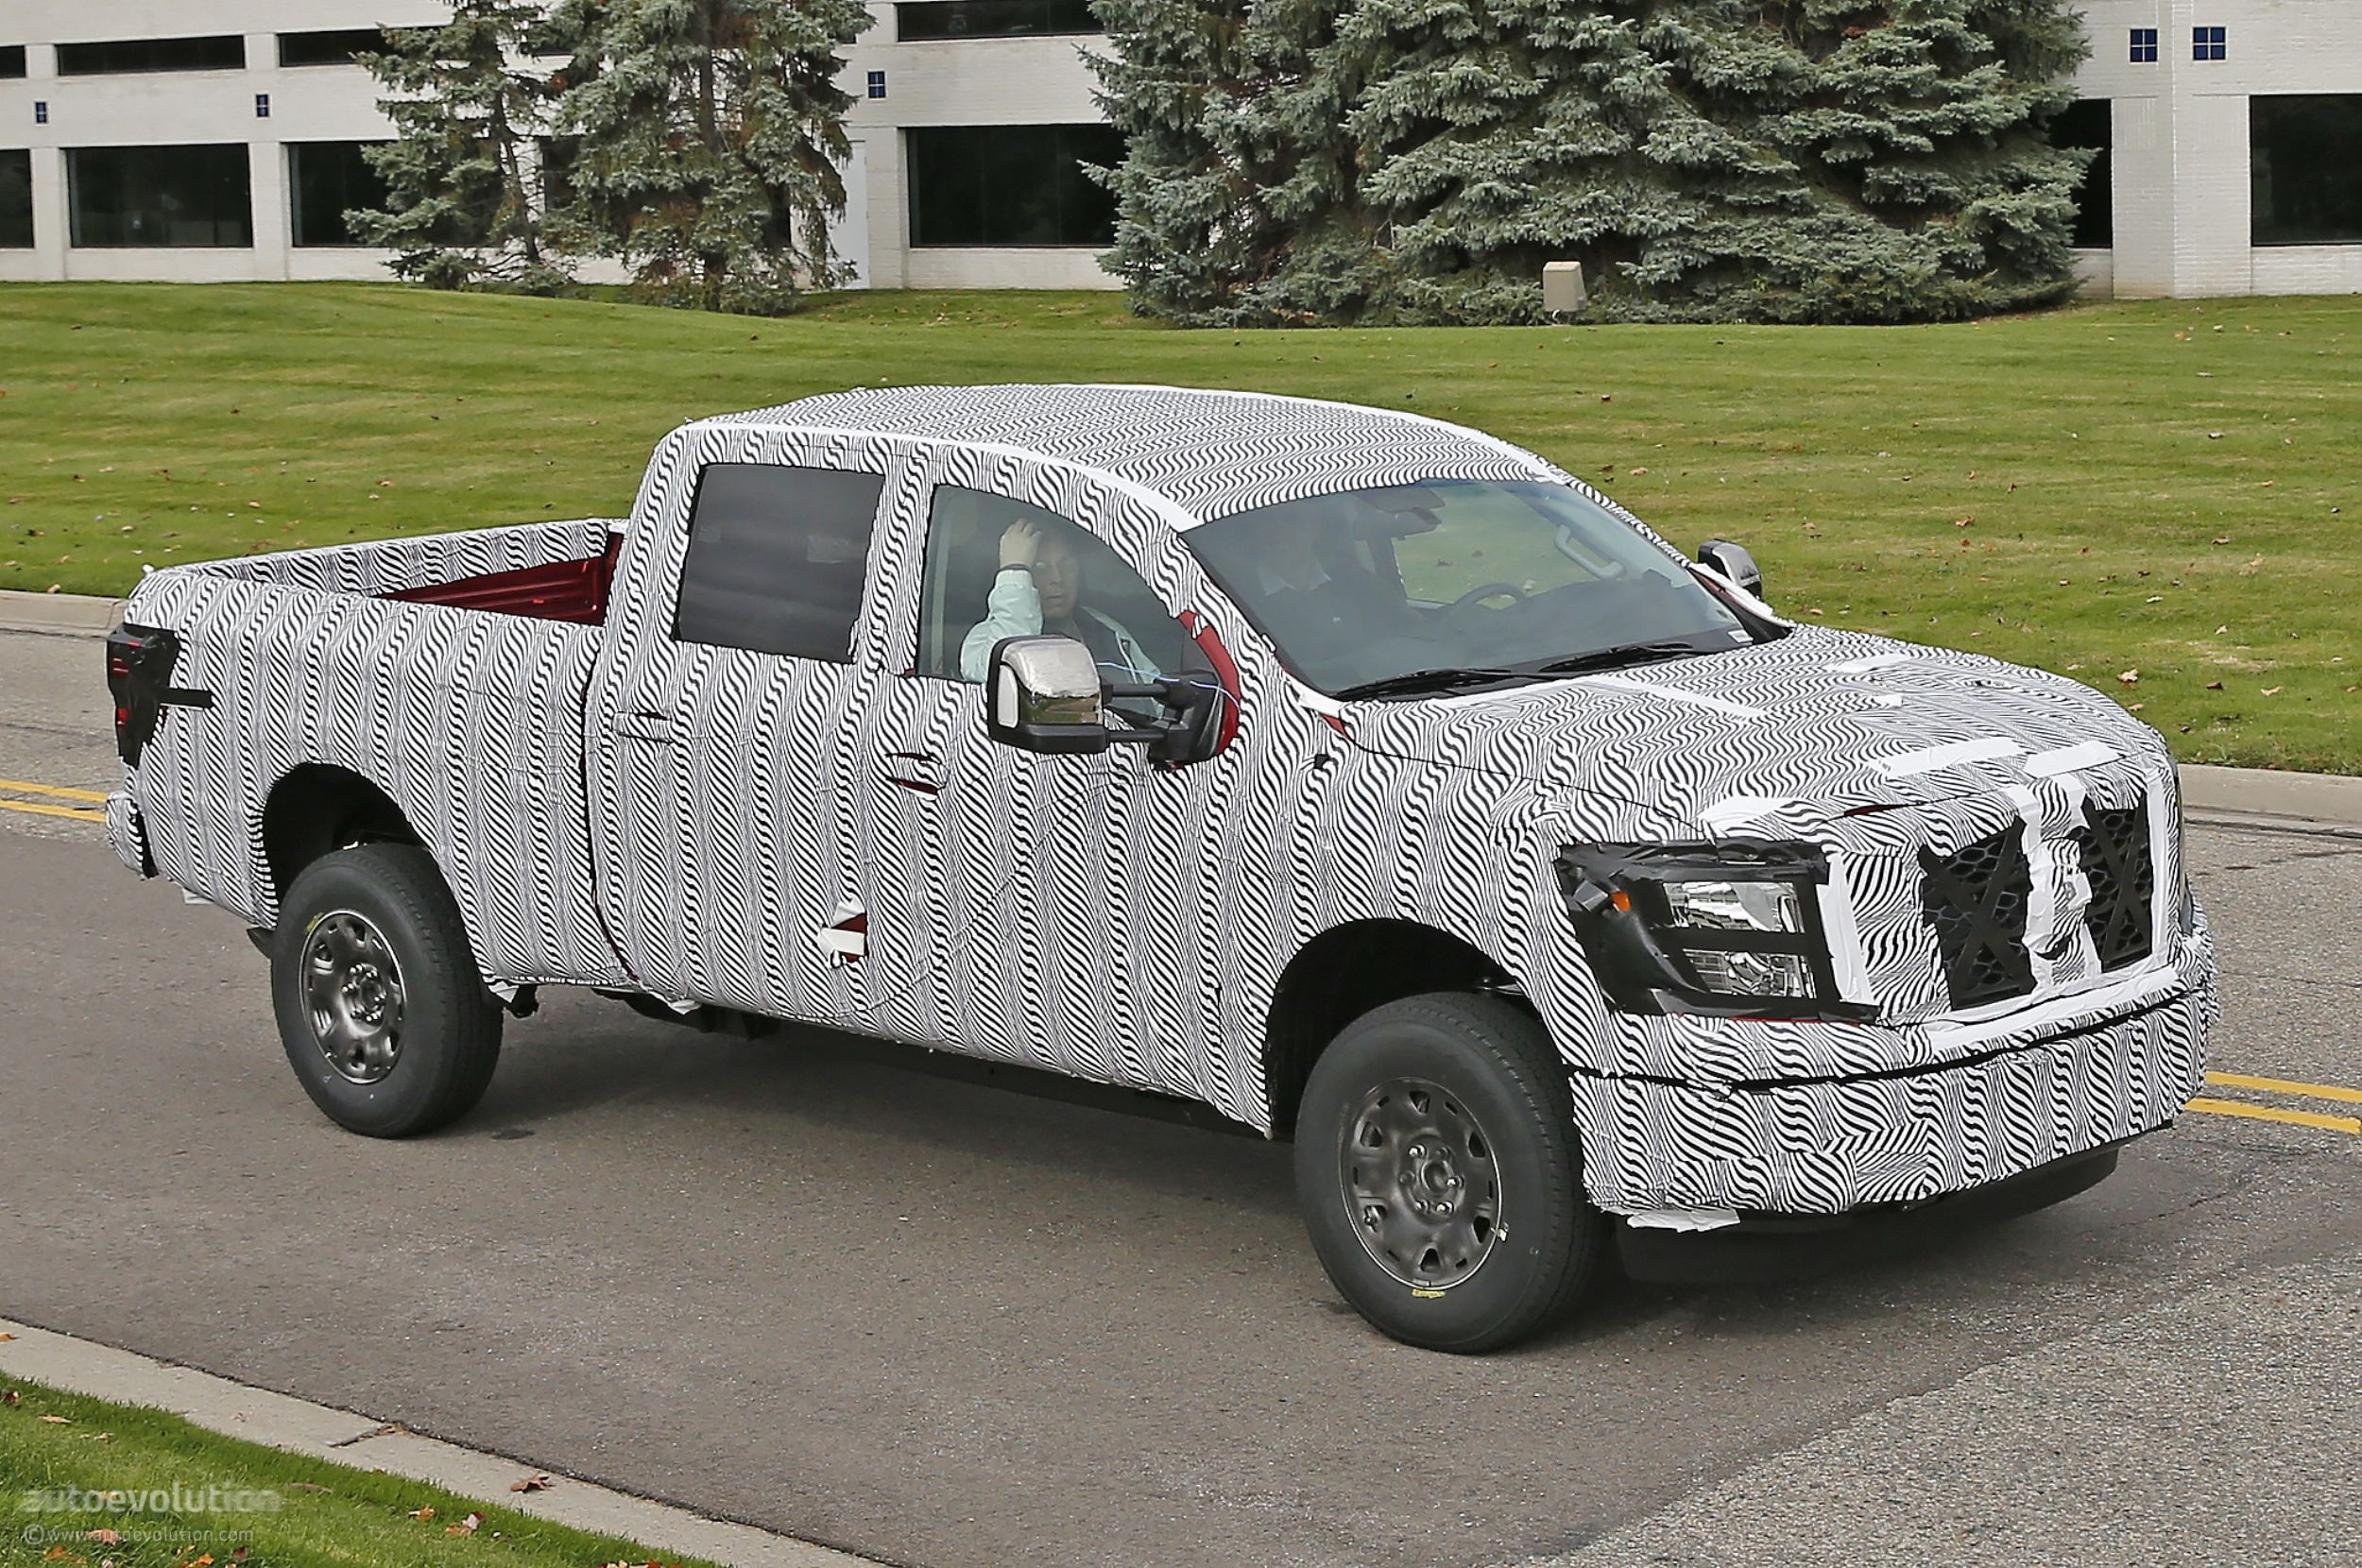 2016 Nissan Titan Spied Testing Isv Cummins Turbo Diesel